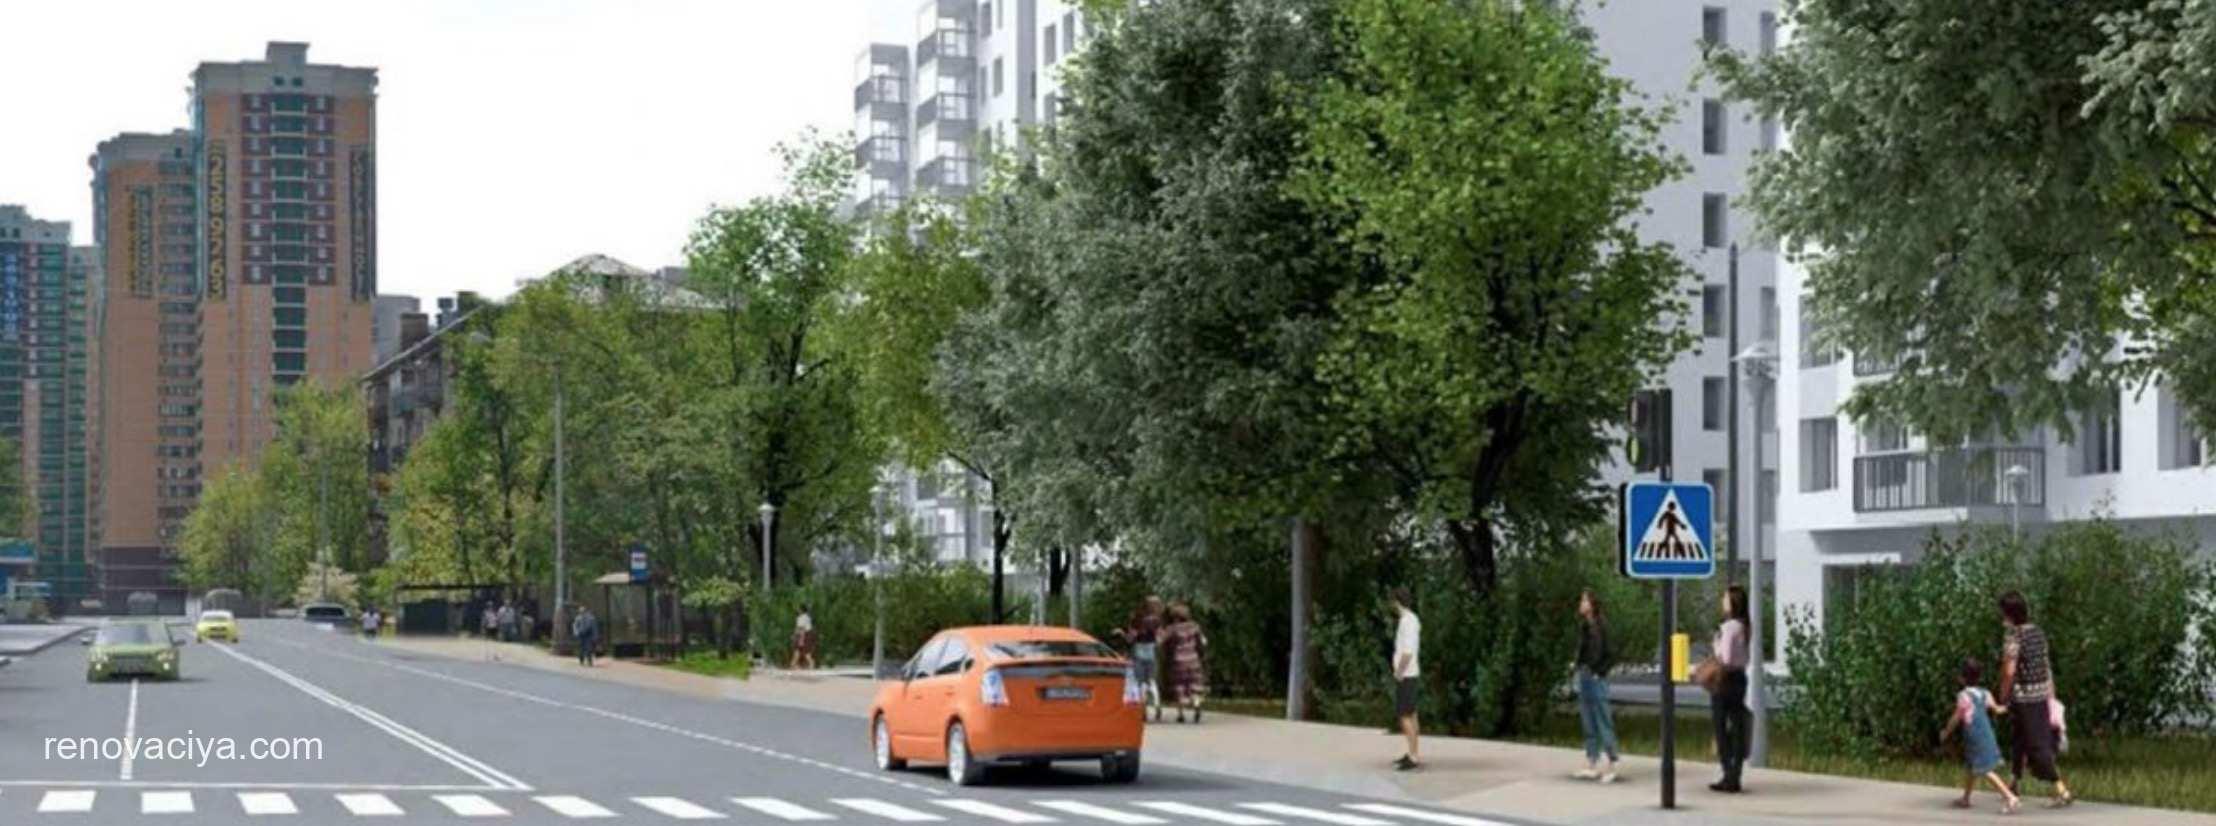 планировку квартала реновации в Бирюлево Восточном обсудят